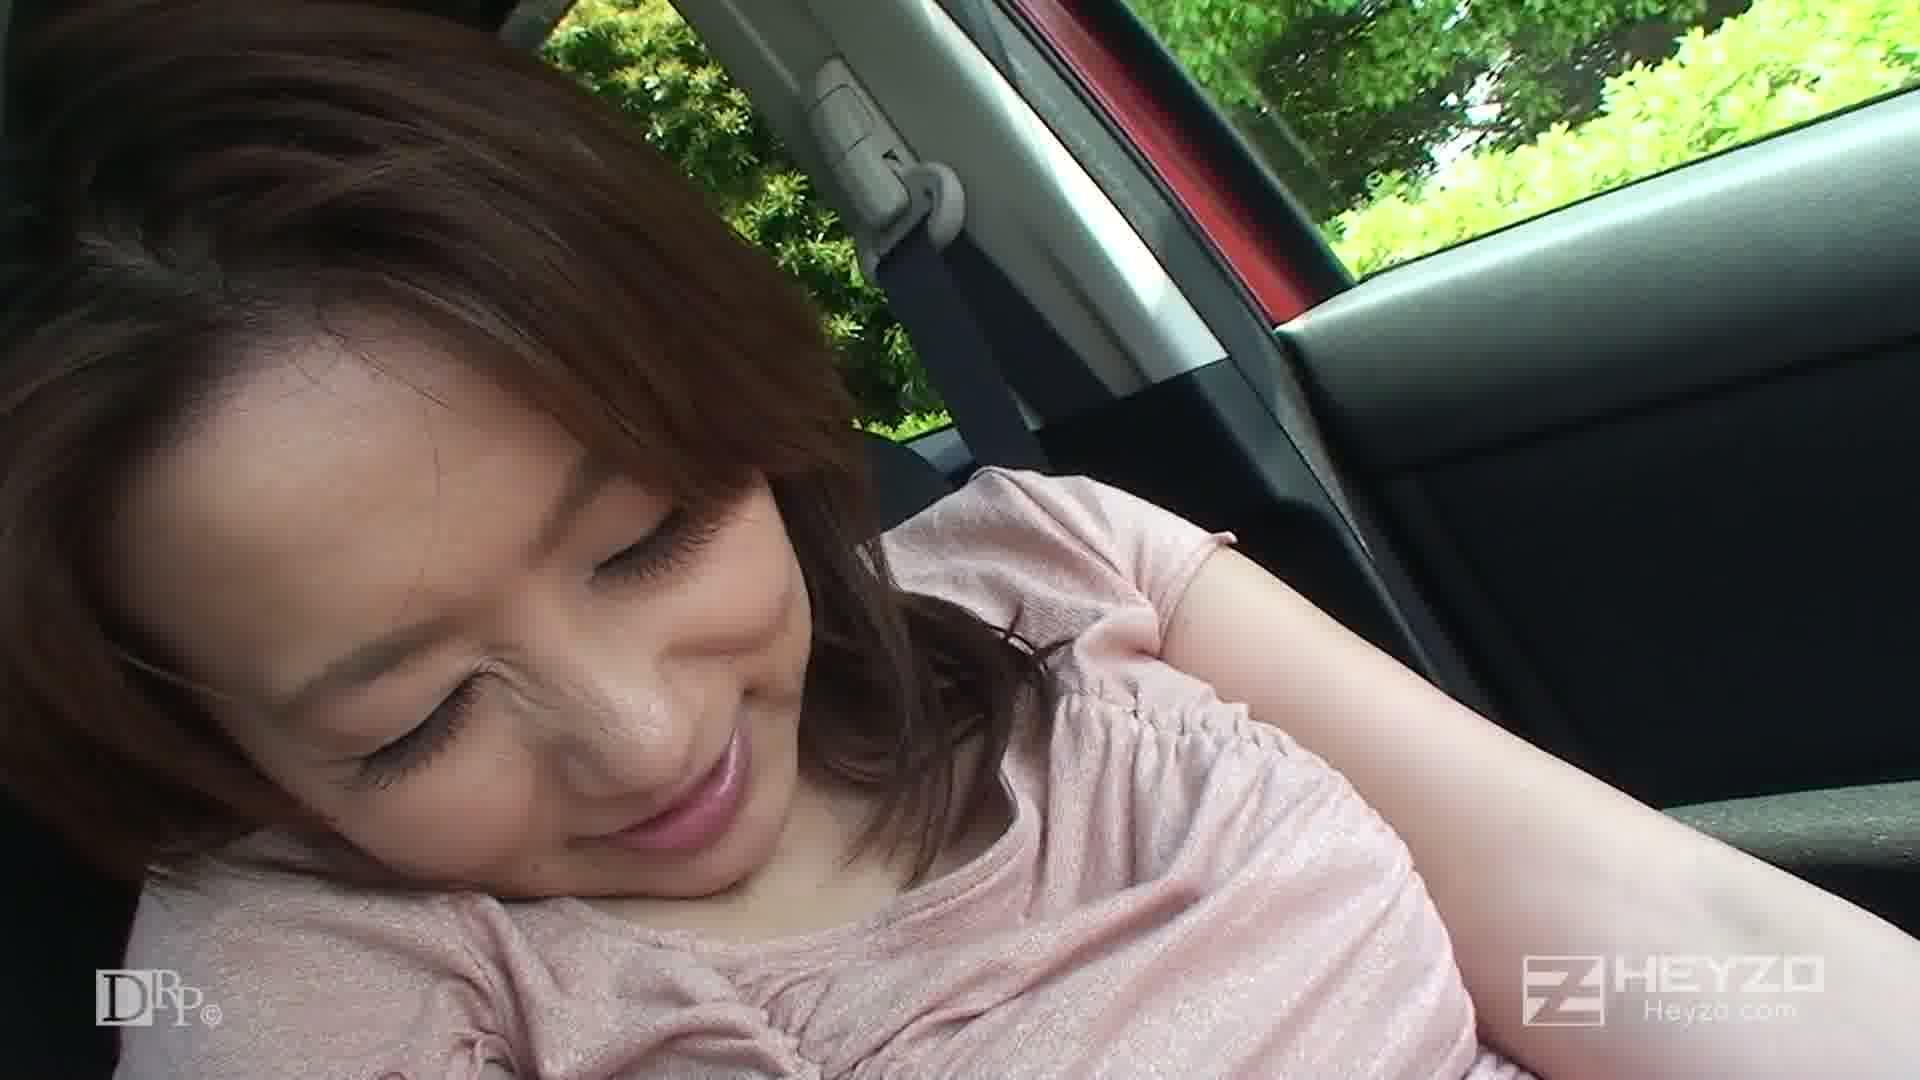 女優・吉井美希としっぽりデート~さらけ出した熟女の素顔~ - 吉井美希【インタビュー 散歩 車内オナニー】